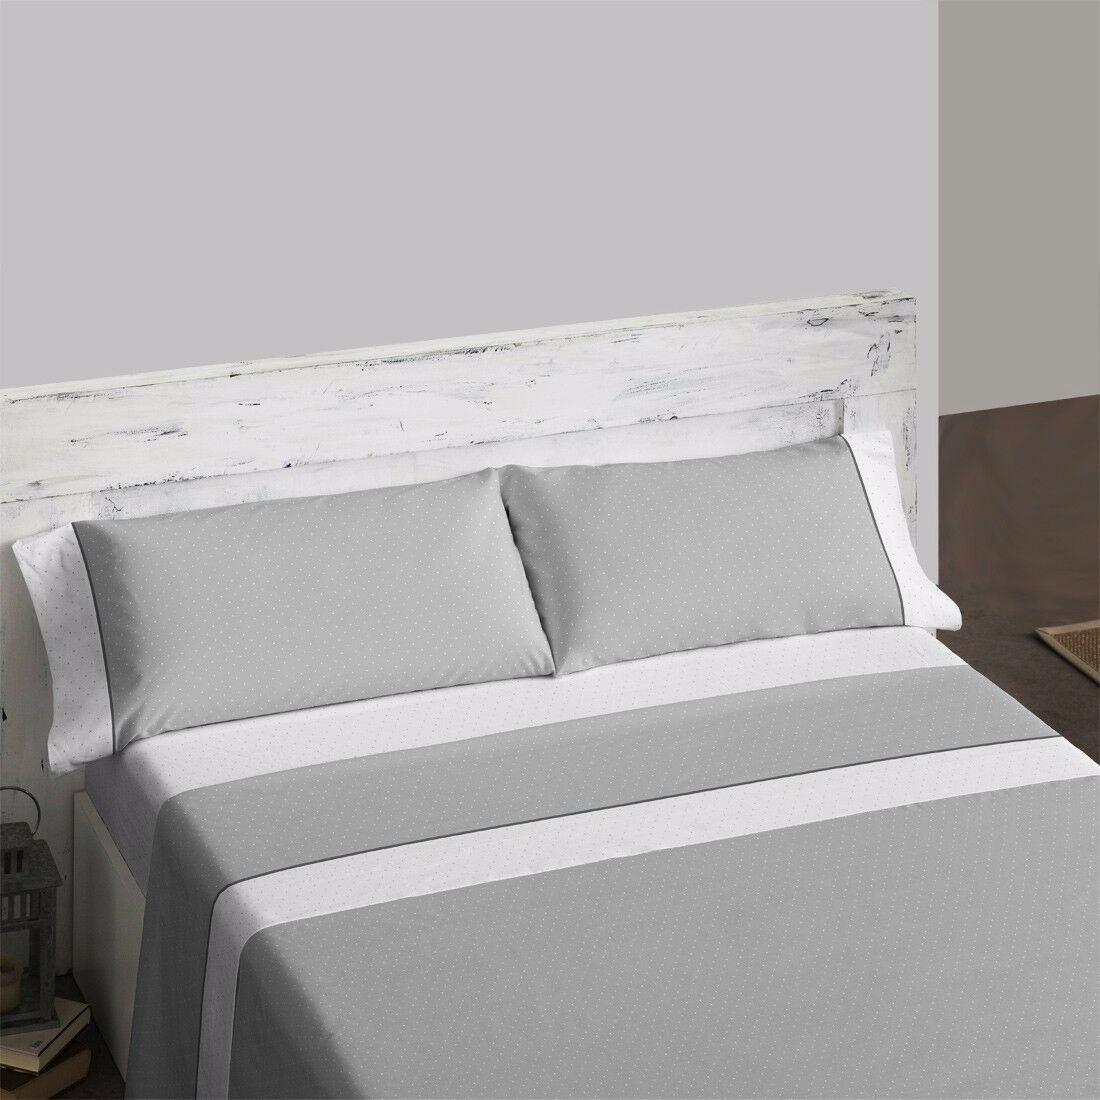 Juego de sabanas 2 plazas 100 algod n excelente calidad for Precios de futones de 2 plazas